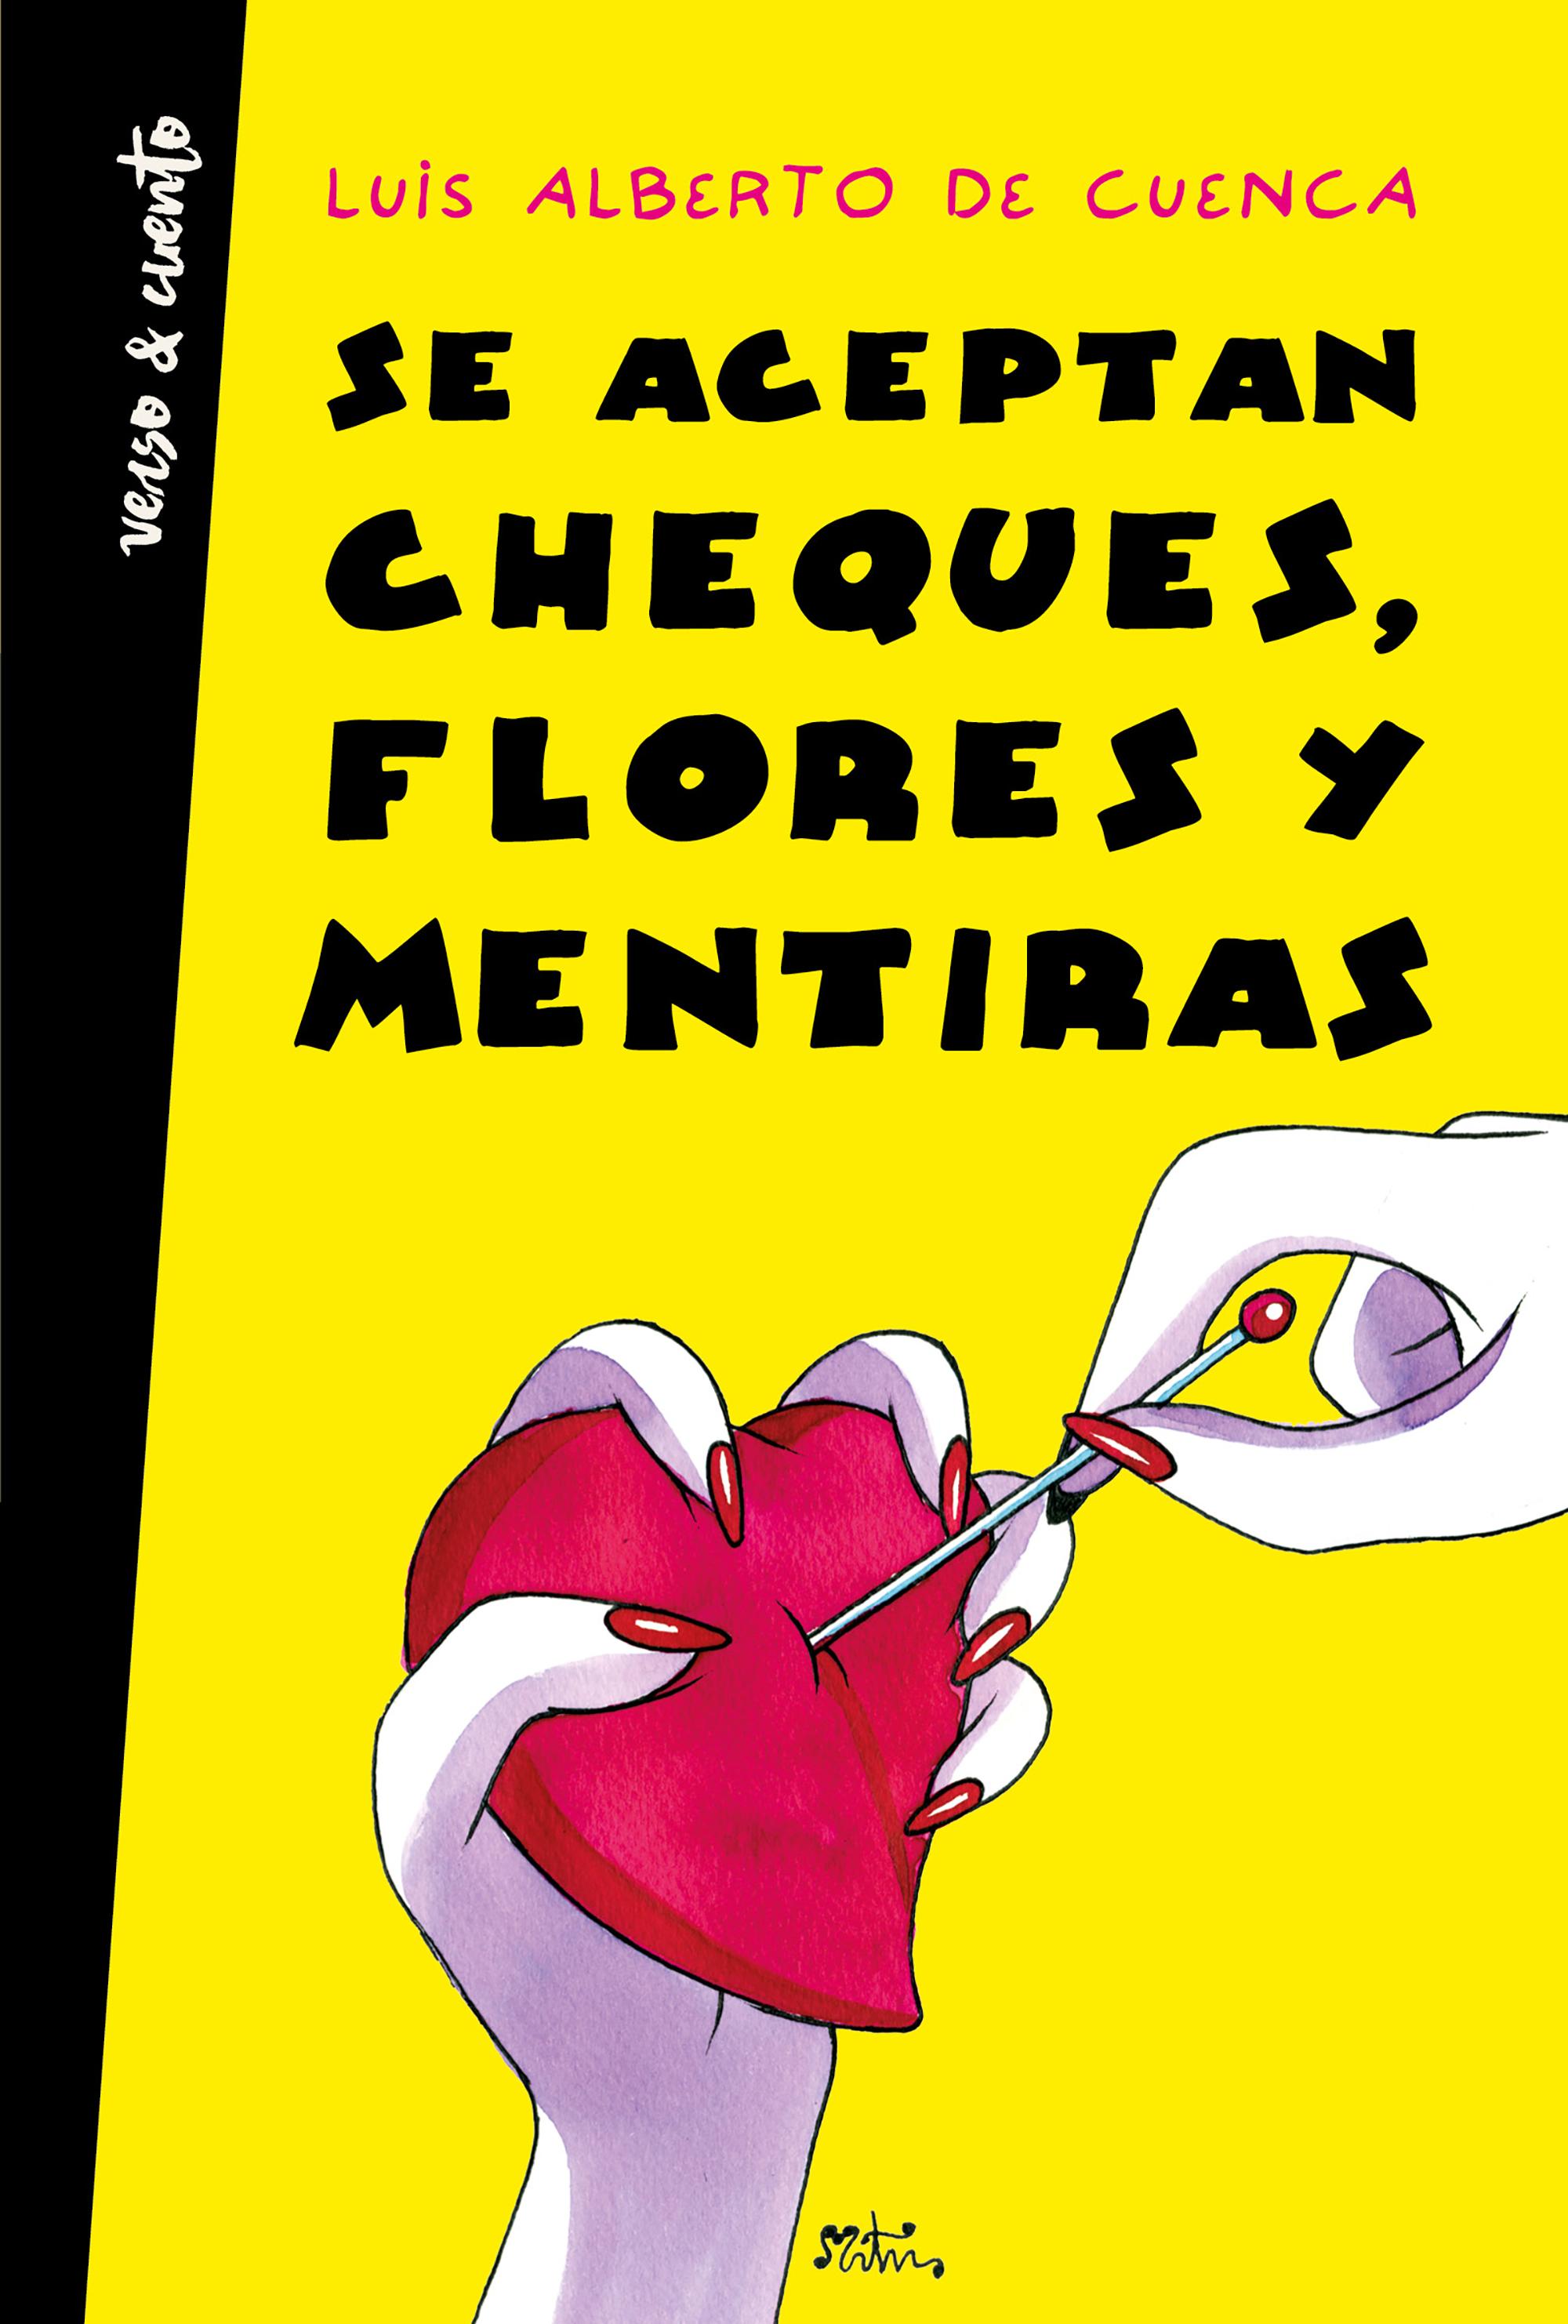 Portada de Se aceptan cheques, flores y mentiras de Luis Alberto de Cuenca